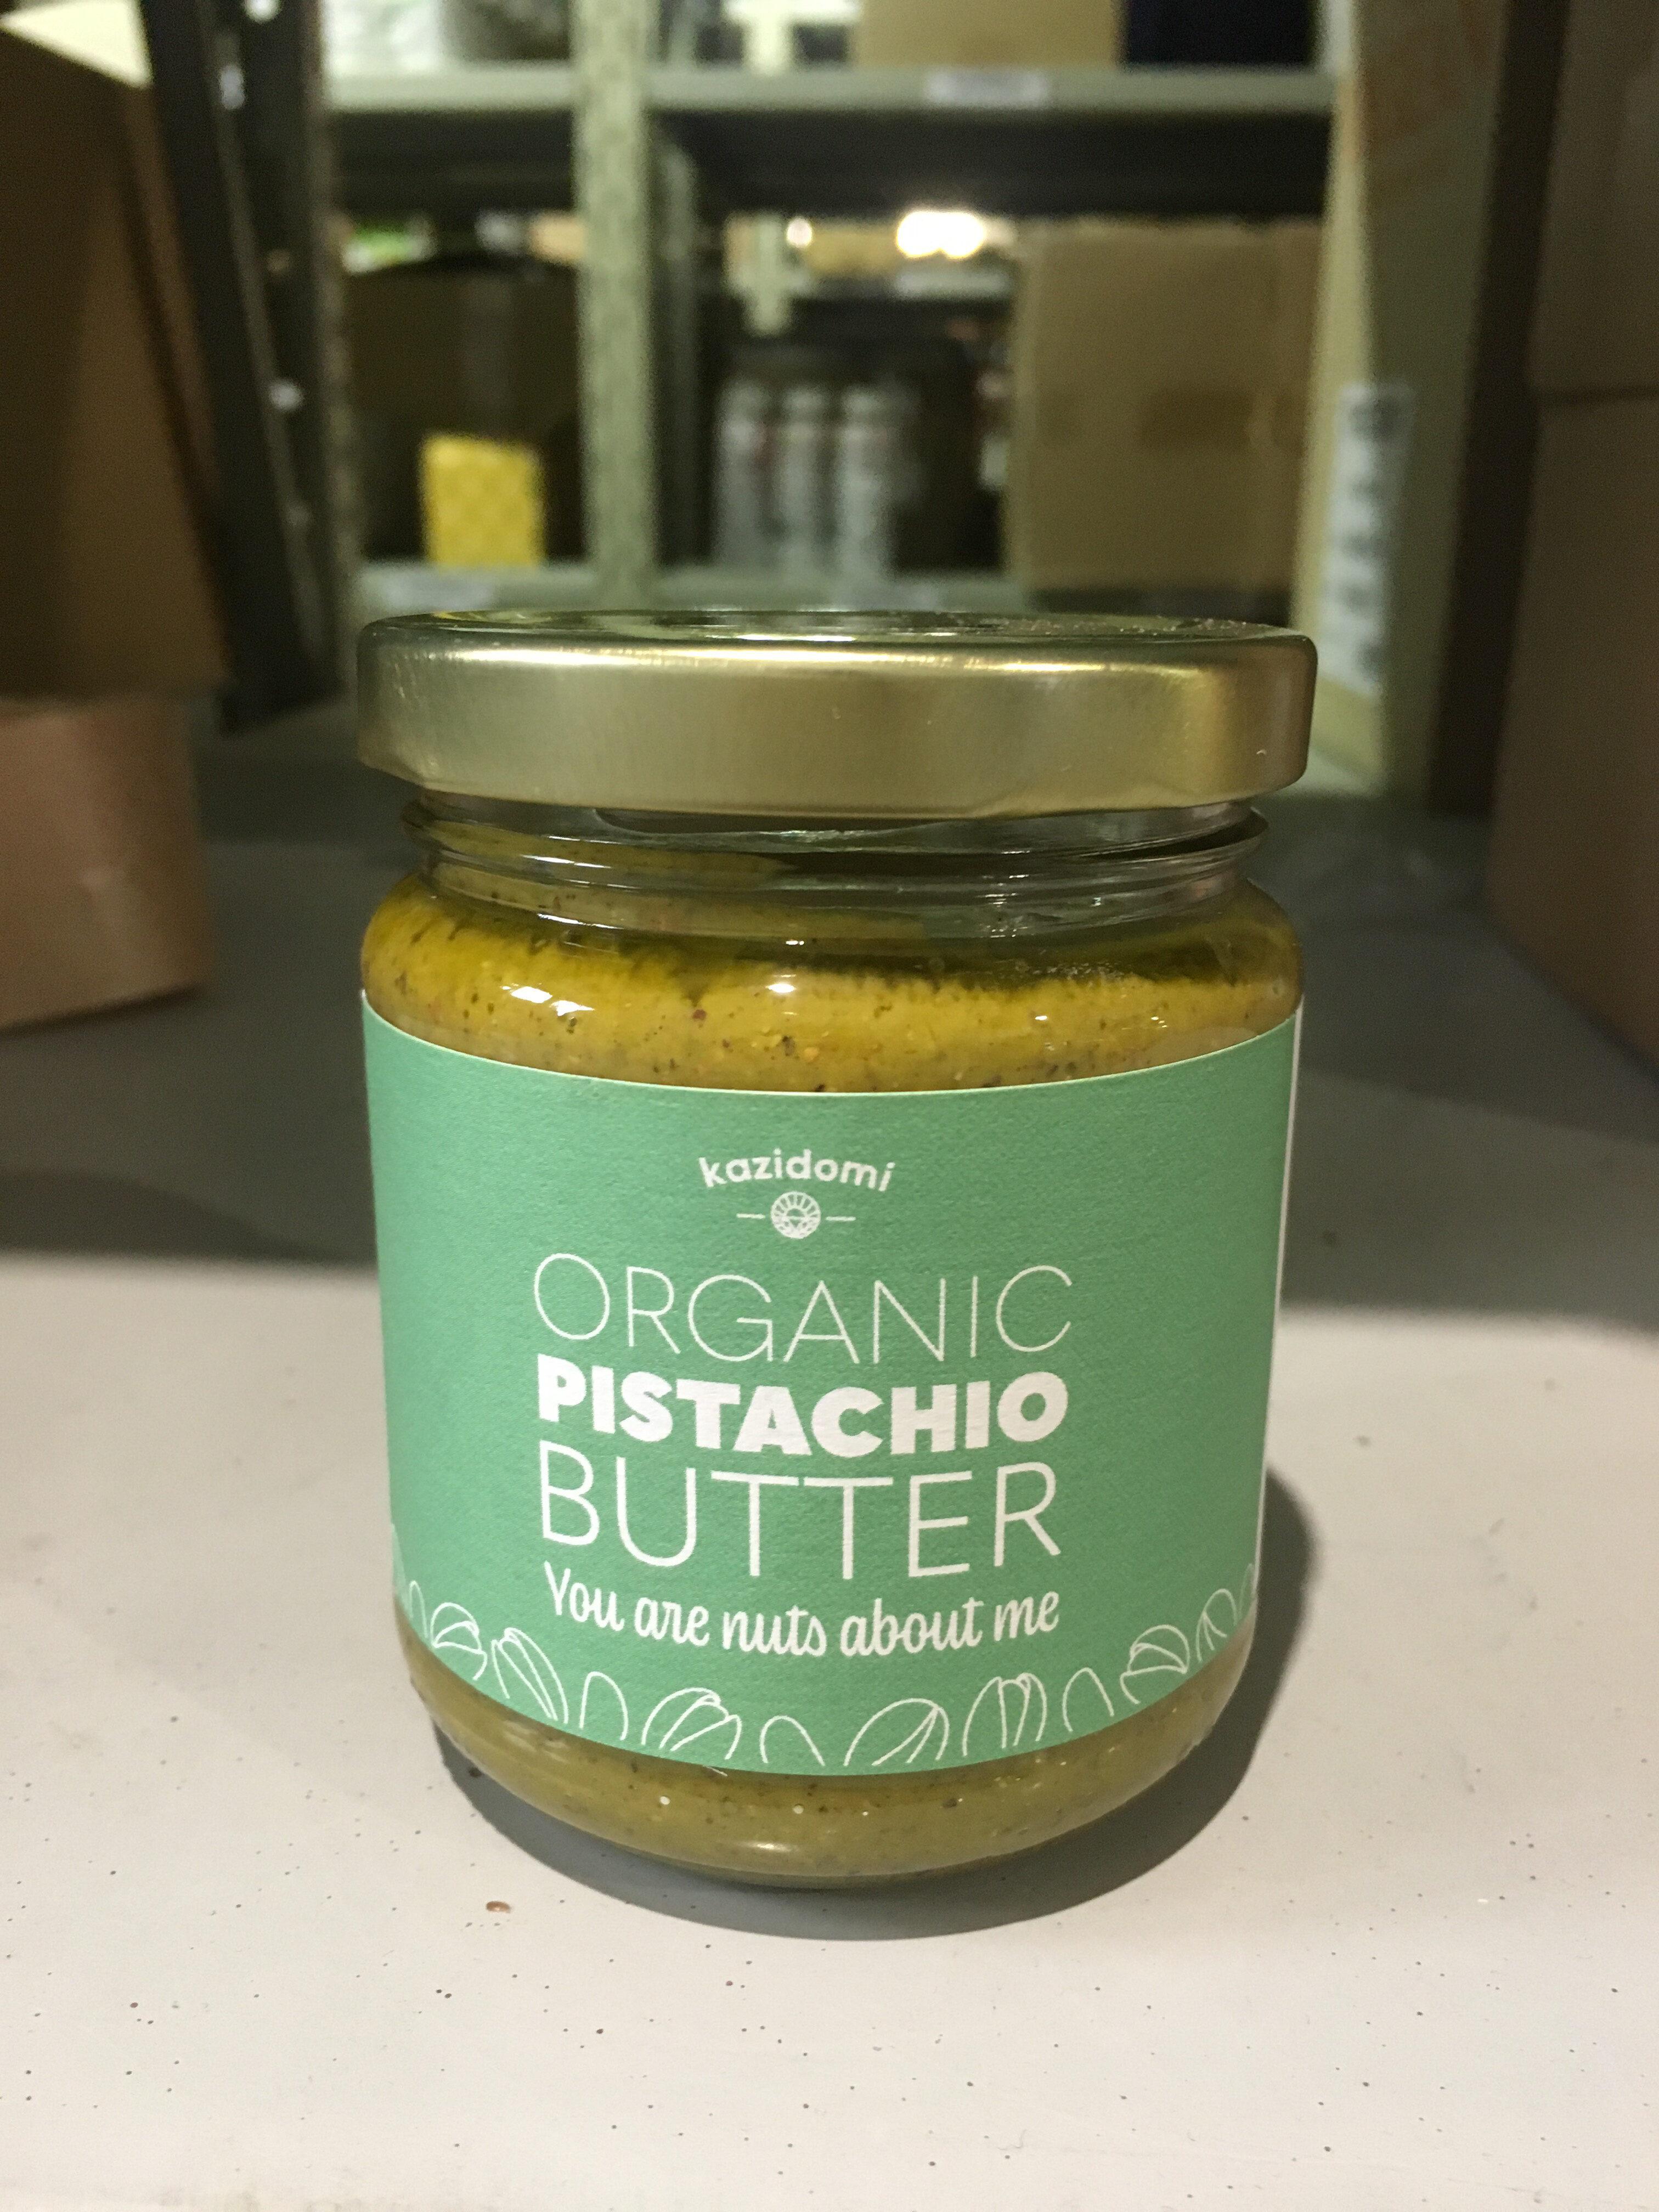 Organic pistachio butter - Product - en